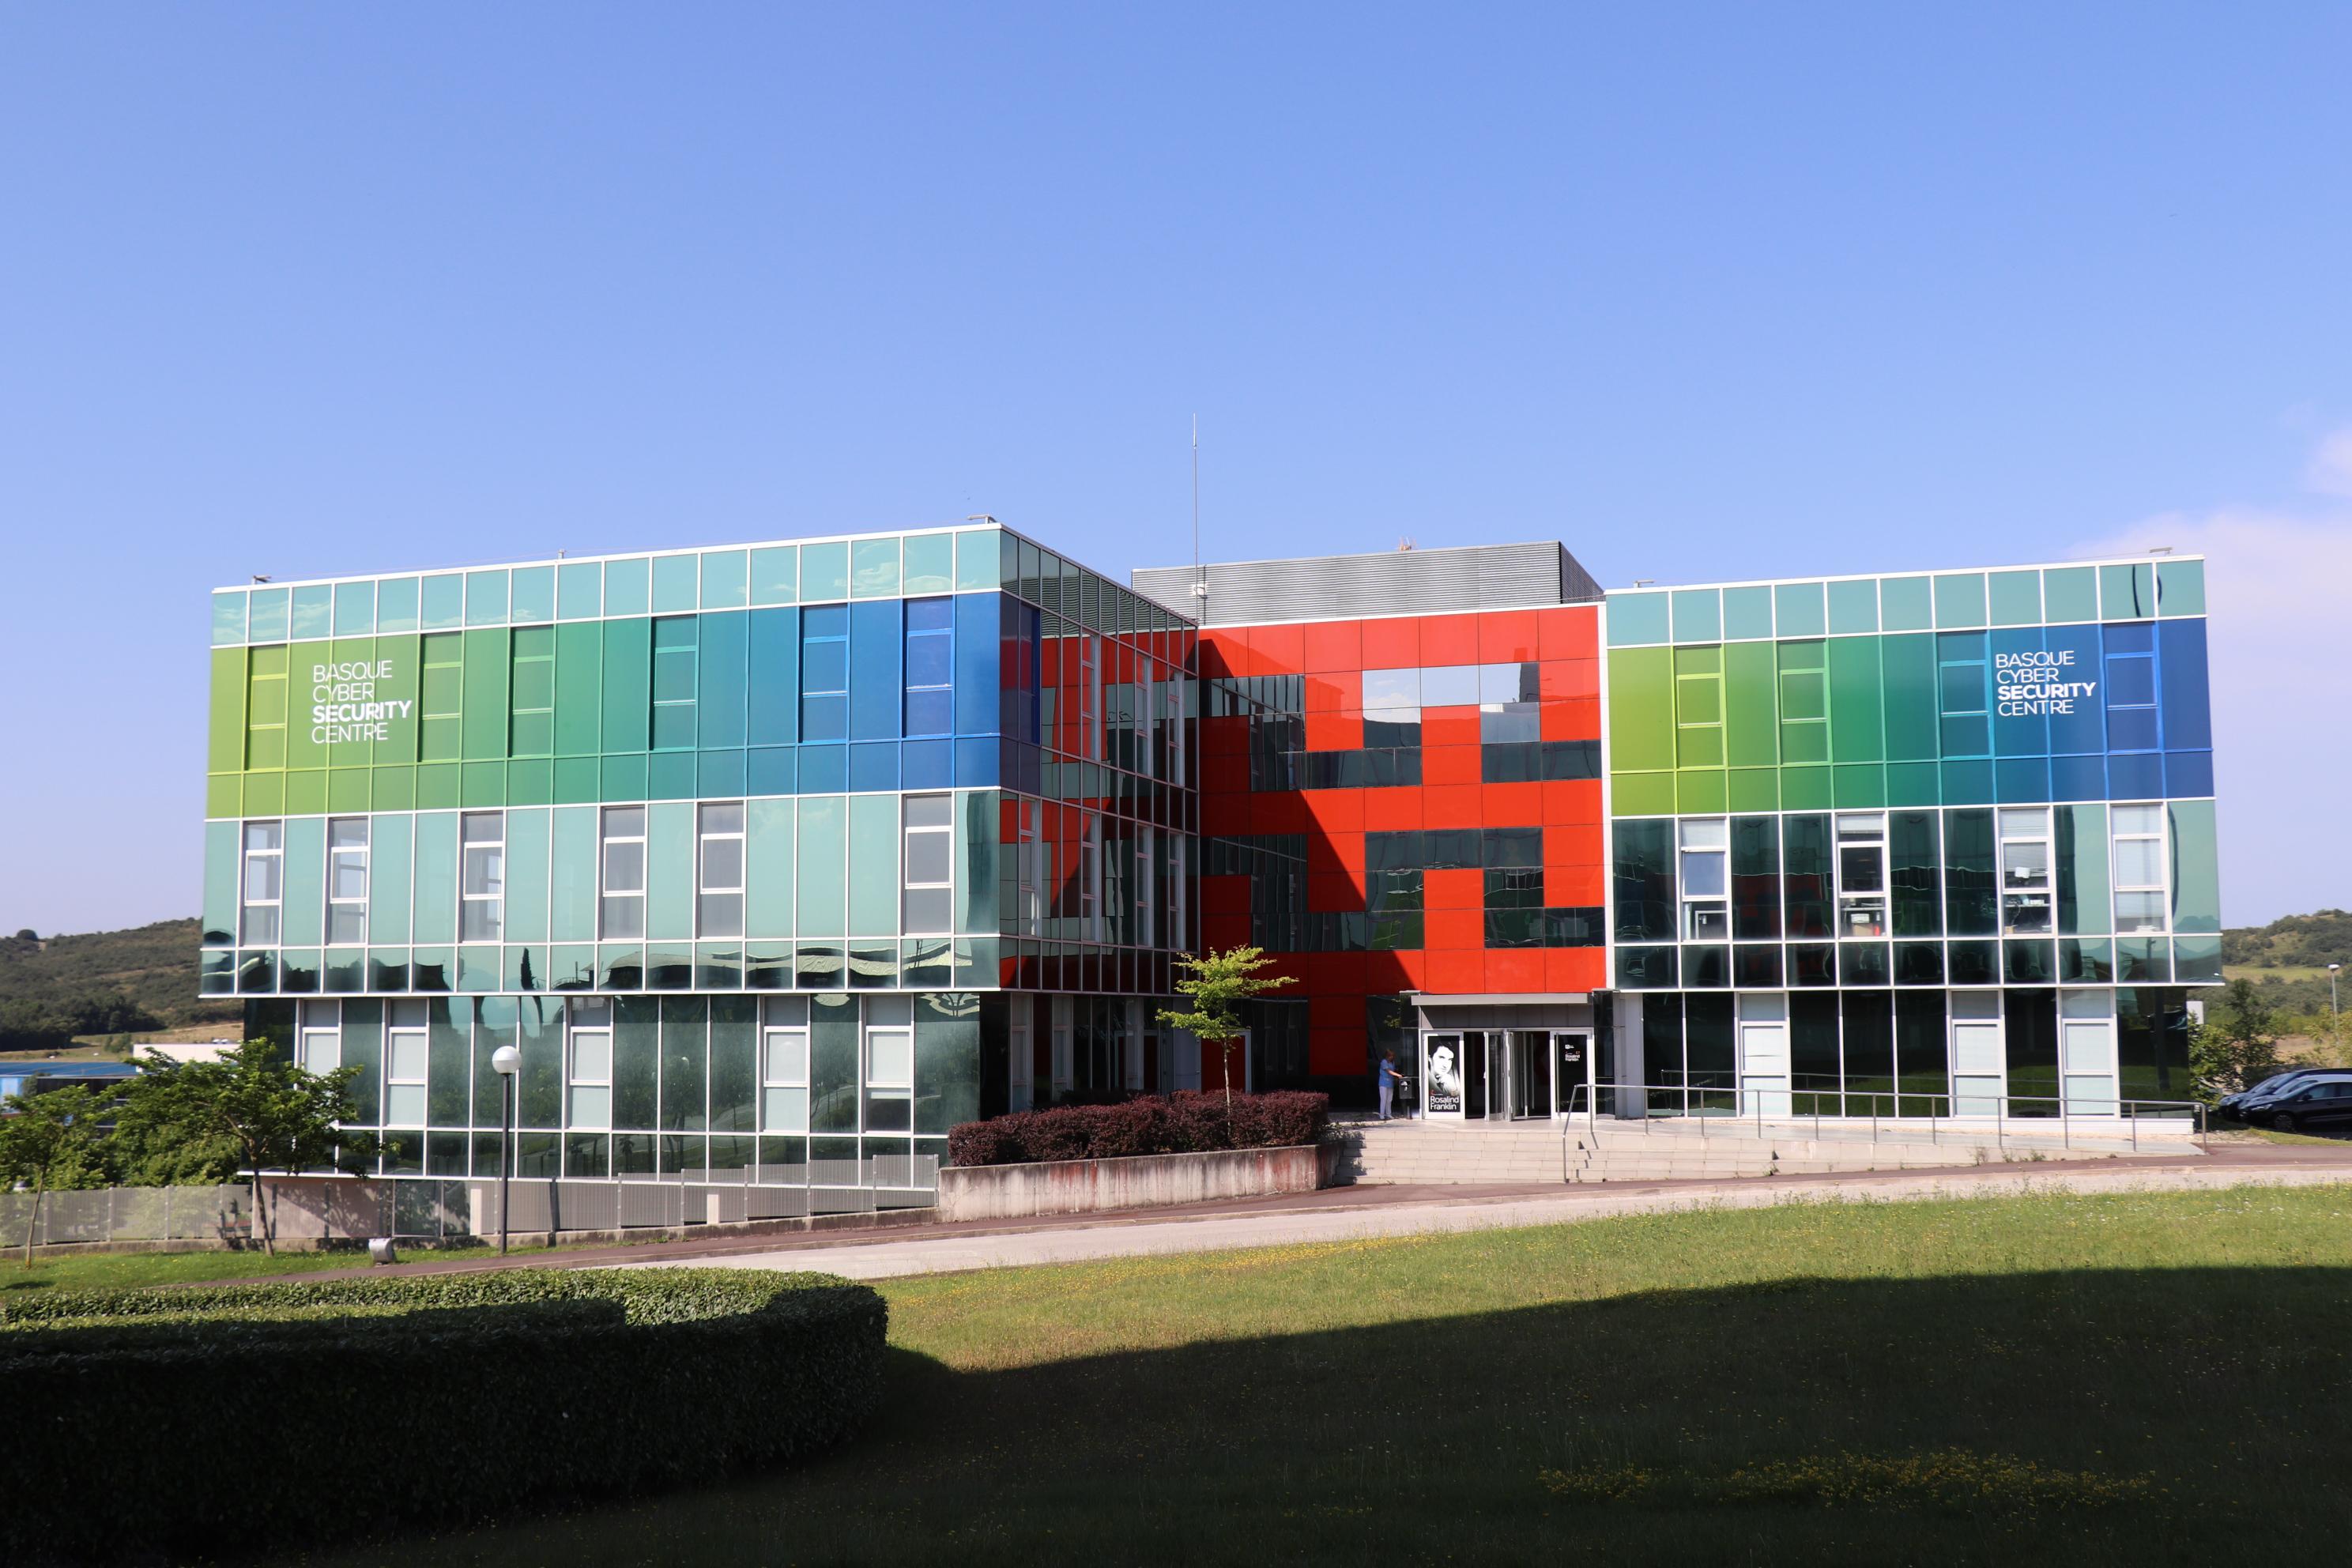 edificio2.jpg